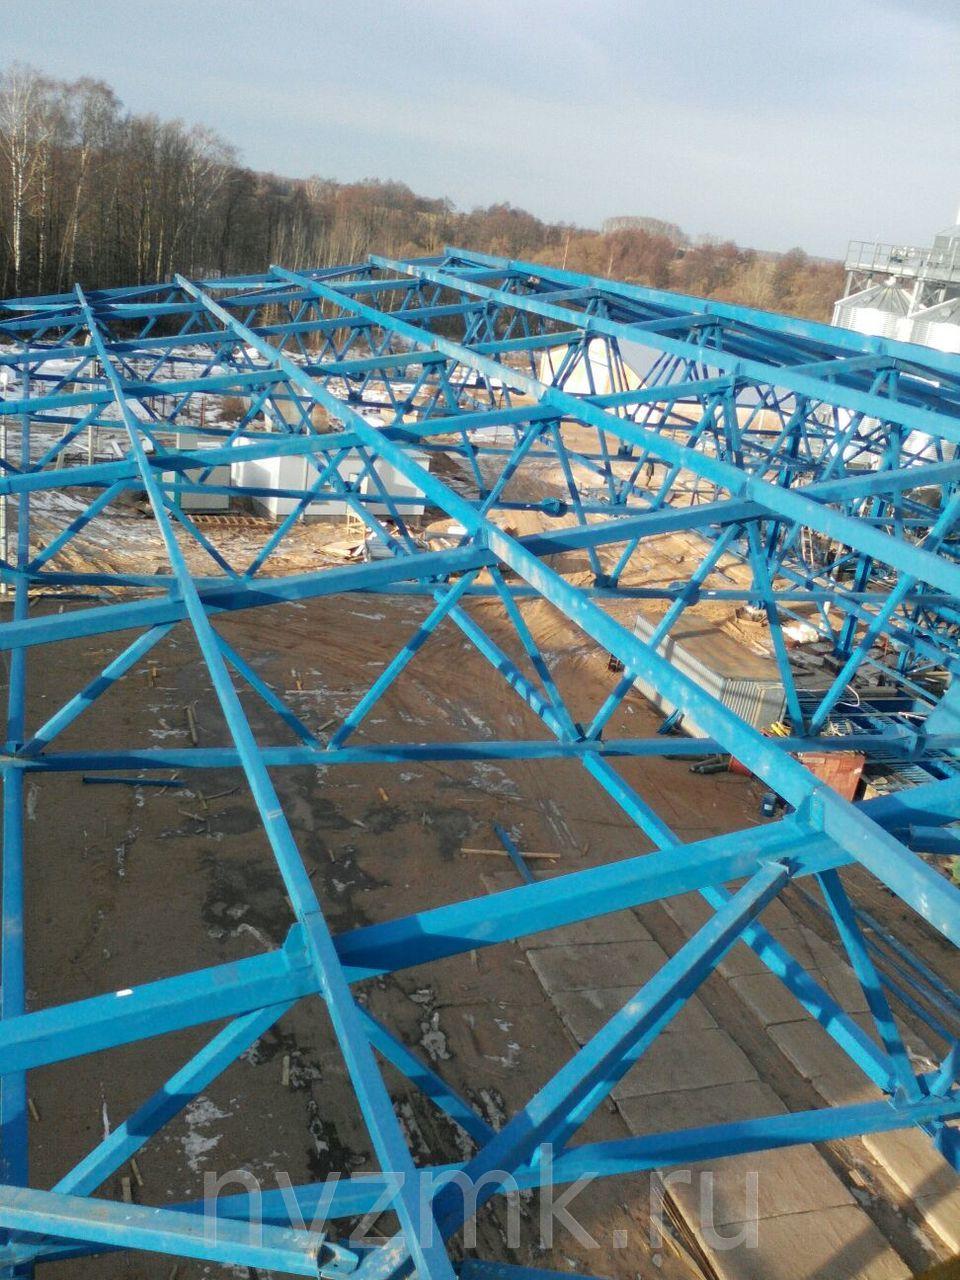 ПСК Новинский завод металлоконструкций завершил выполнение проекта: осуществил изготовление и монтаж овощехранилища в Краснодарском крае.